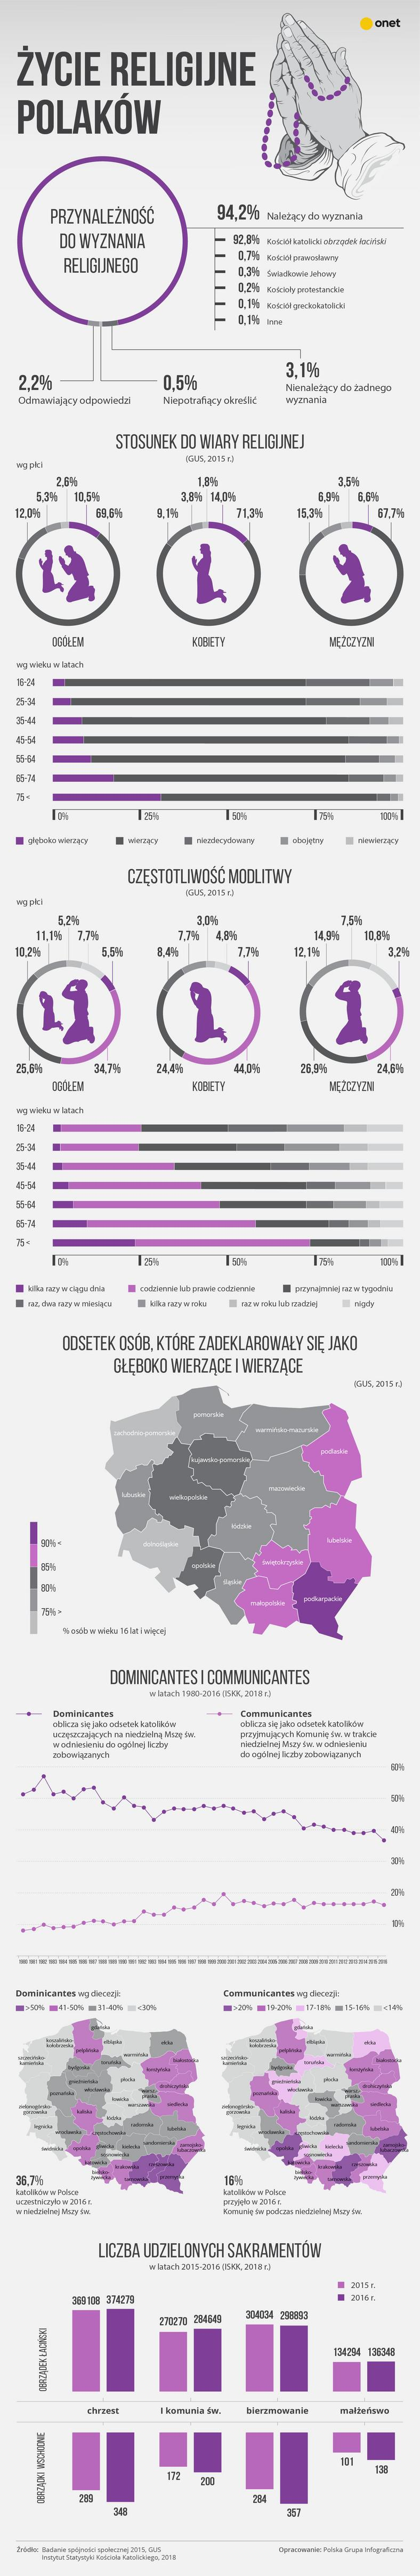 Życie religijne Polaków - infografika